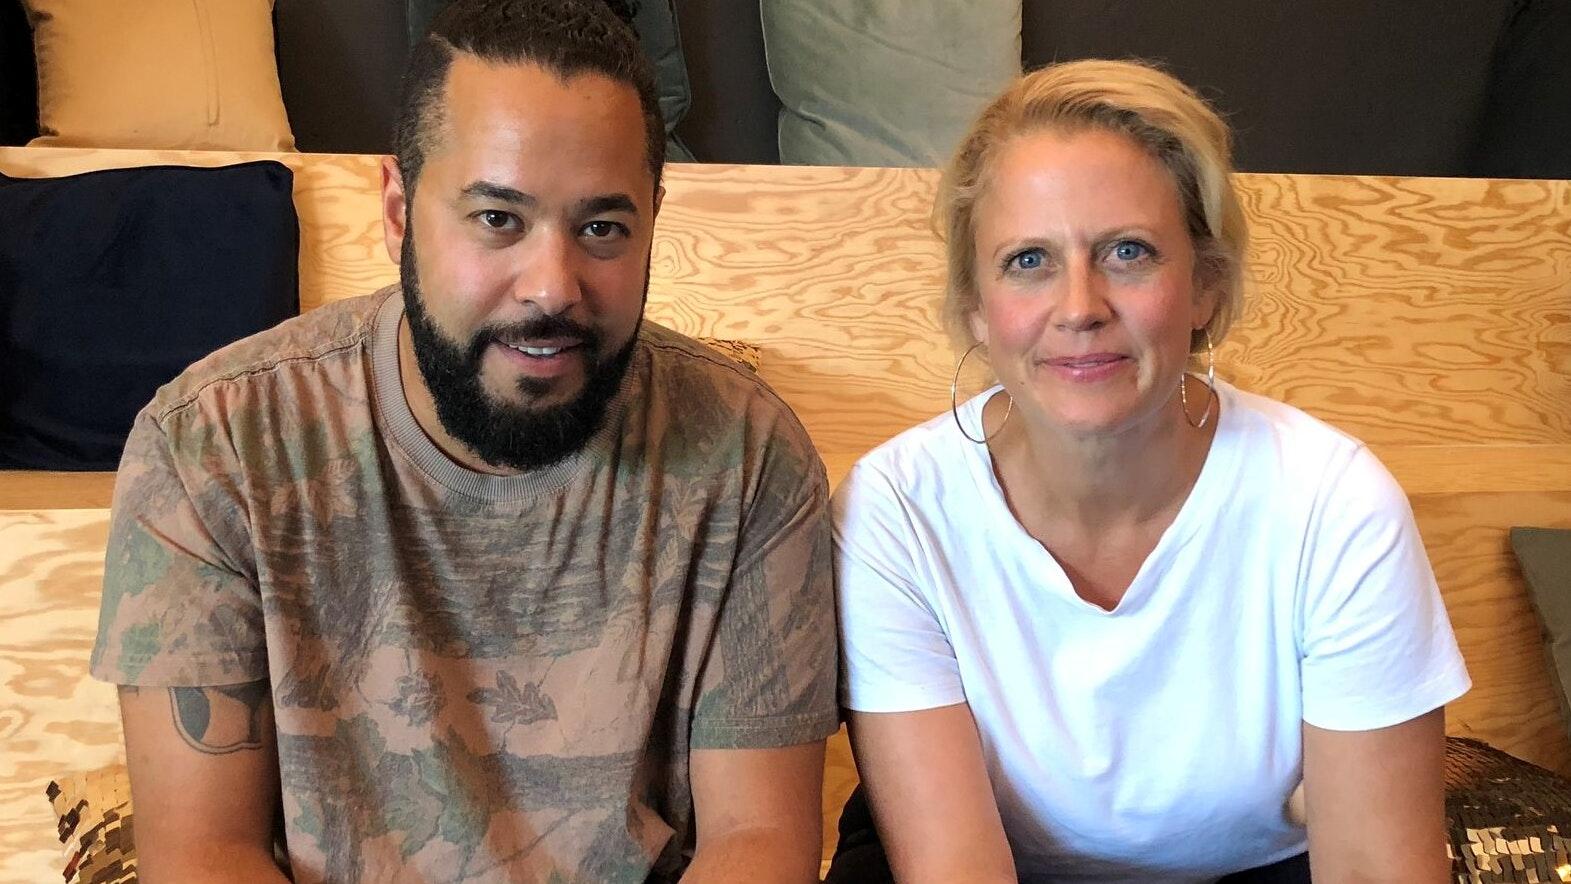 Barbara Schöneberger und Podcast-Gast Adel Tawil